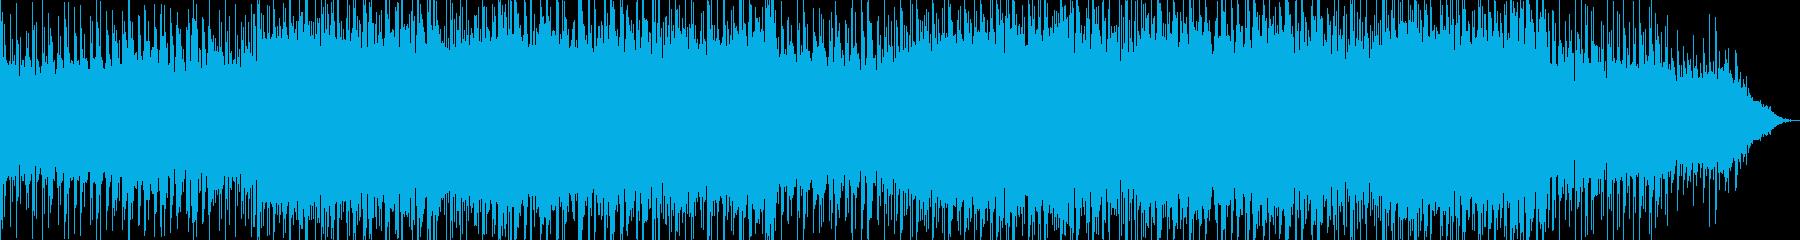 オープニング企業VPイベント-10の再生済みの波形